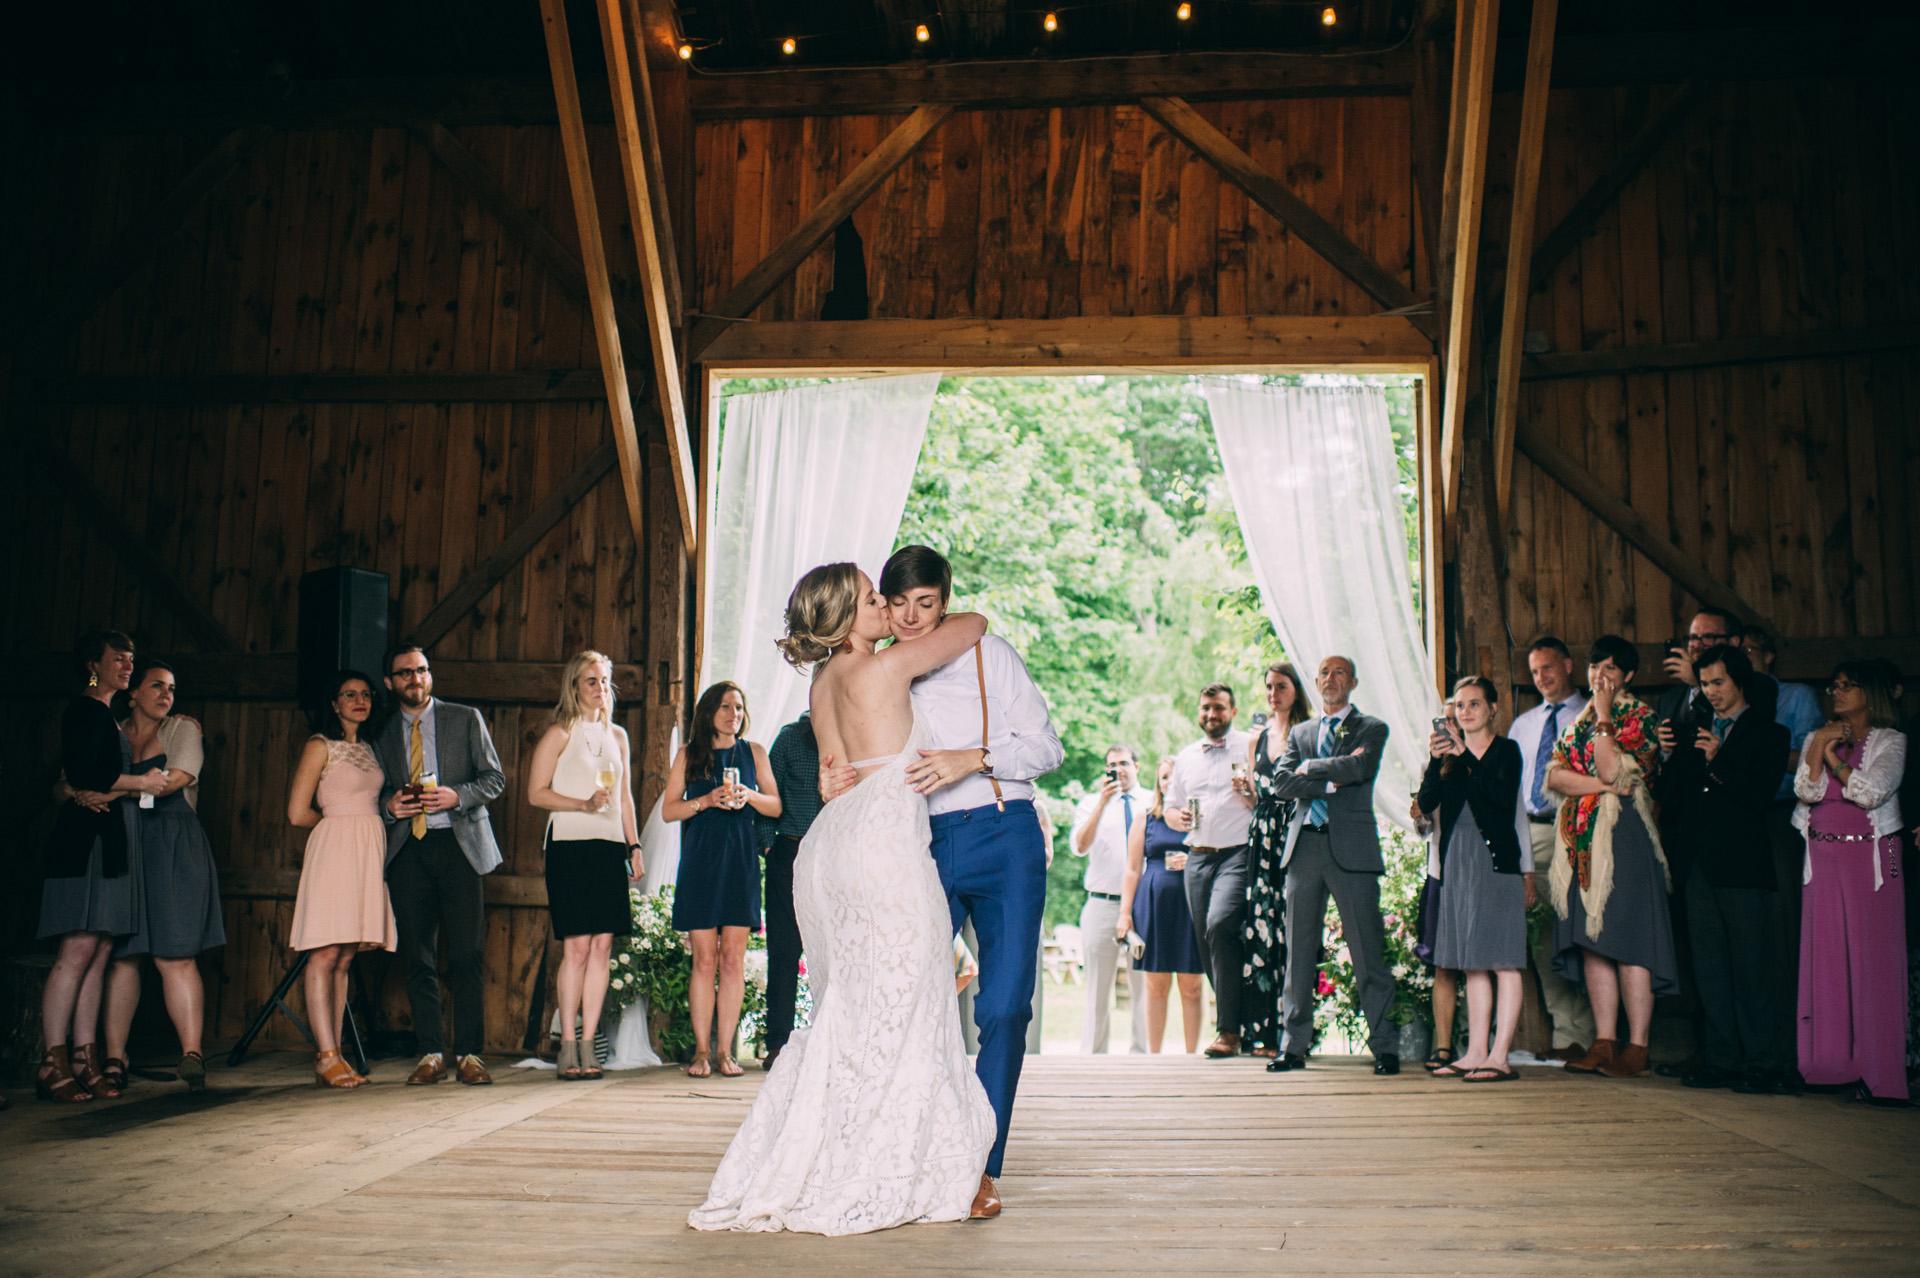 broadturn-farm-wedding-78